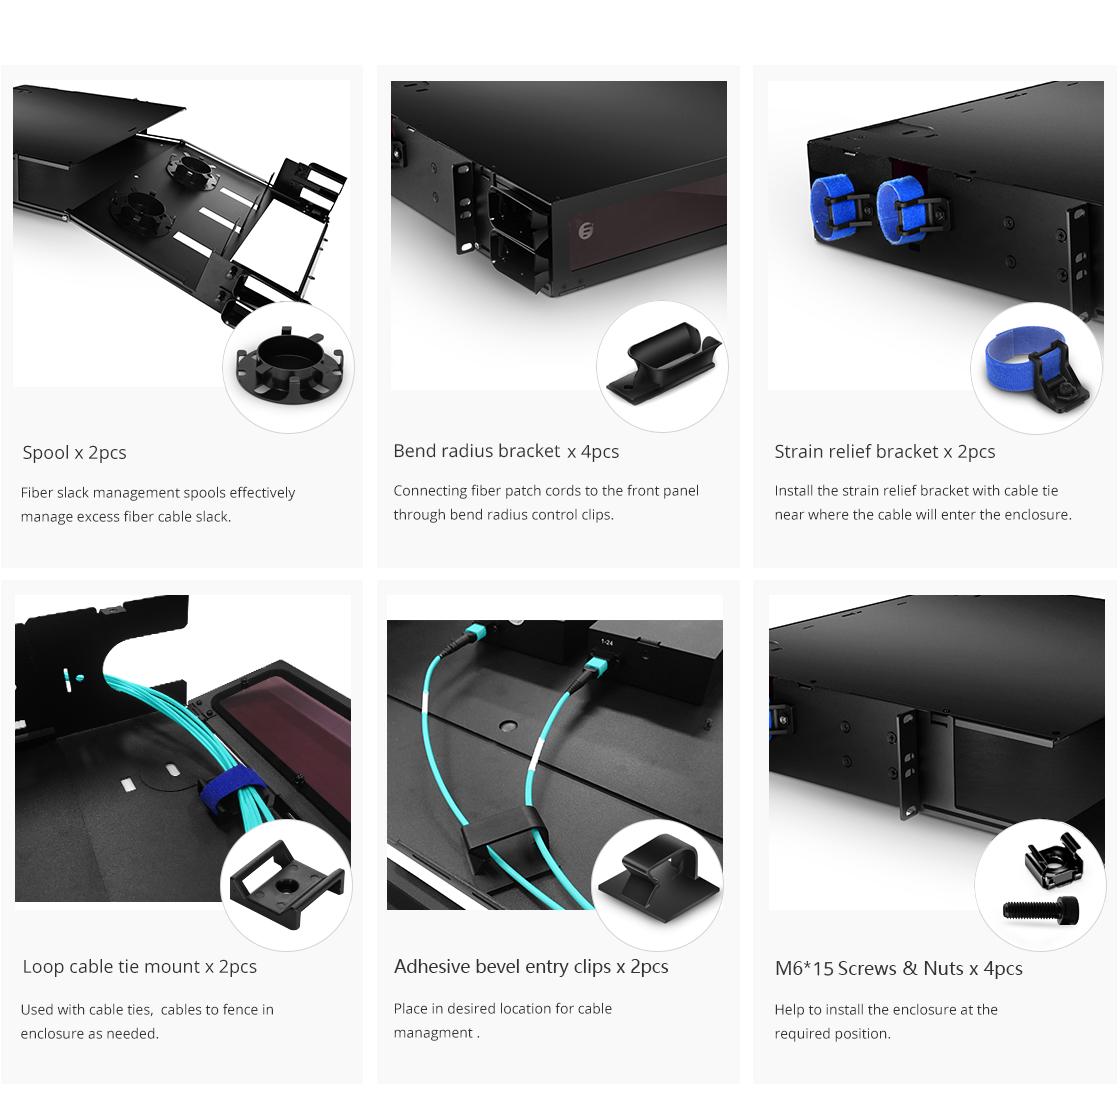 FHD montaje en rack  Accesorios incluidos en el distribuidor de fibra óptica